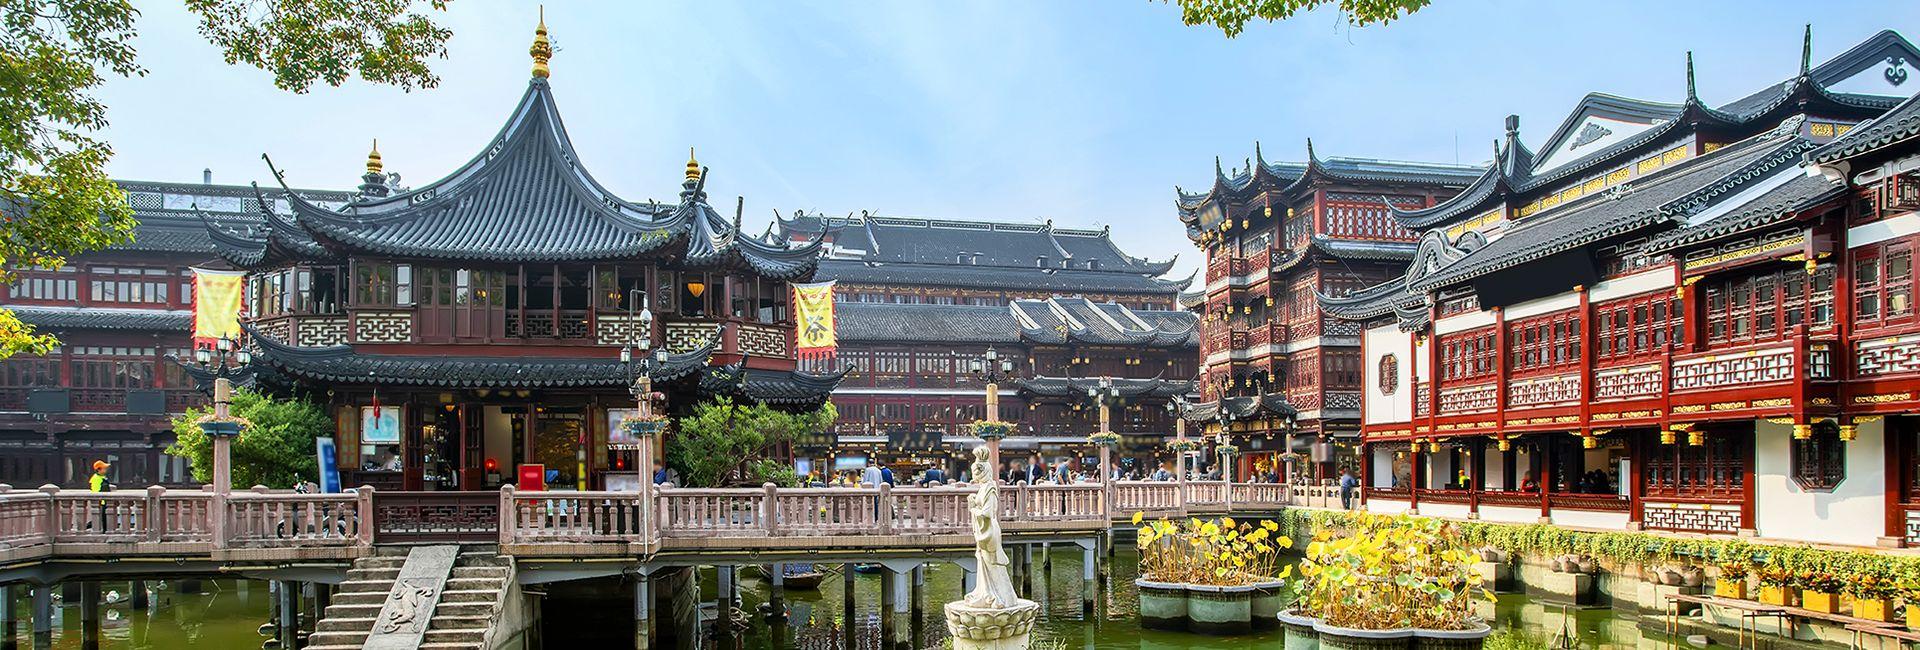 Top 10 nhà hàng lâu đời nhất ở Thượng Hải